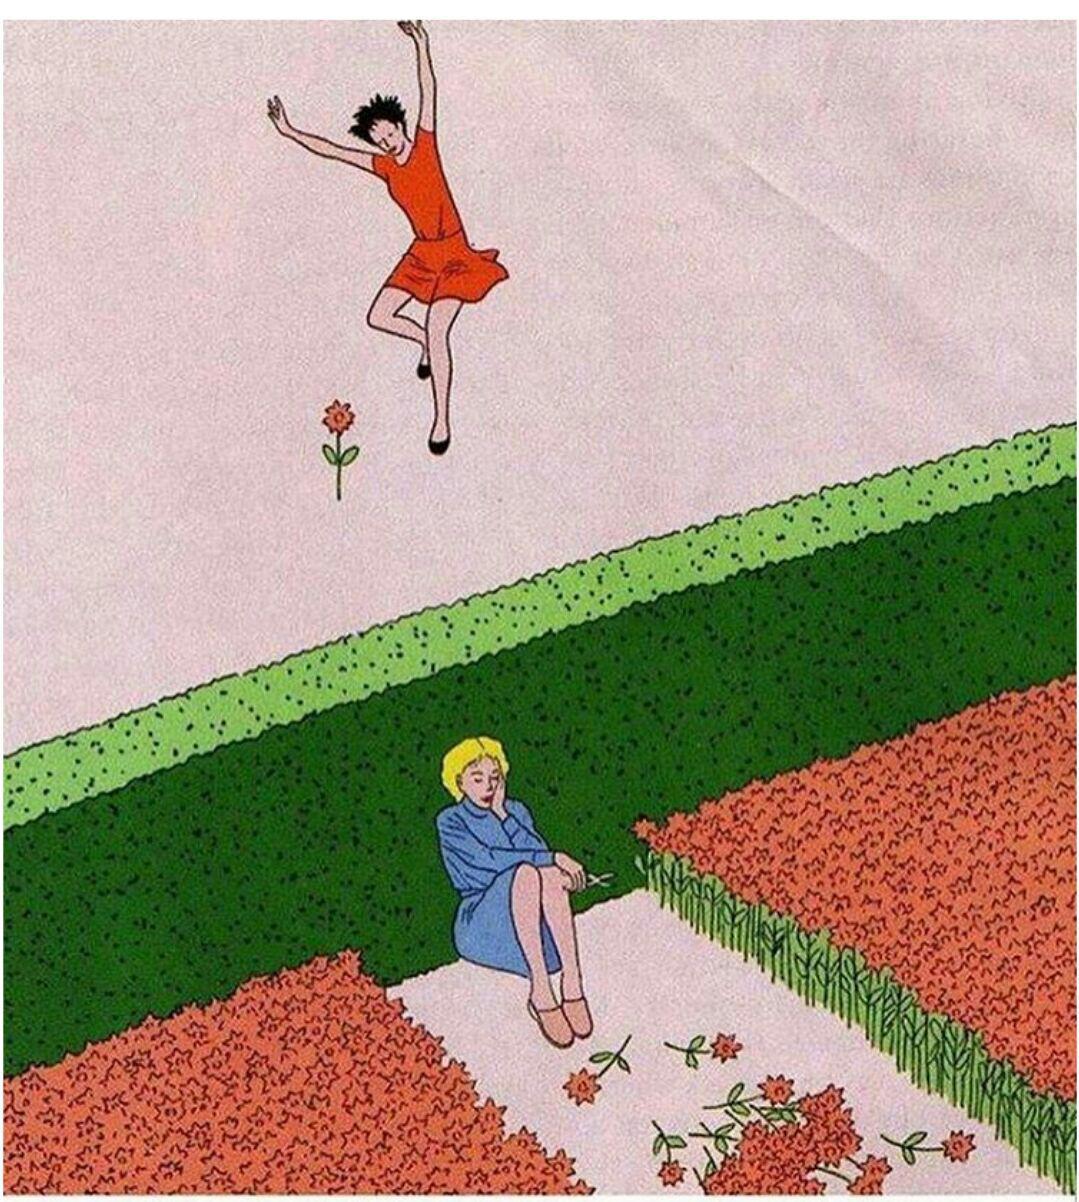 نقاشی مفهومی زیبا